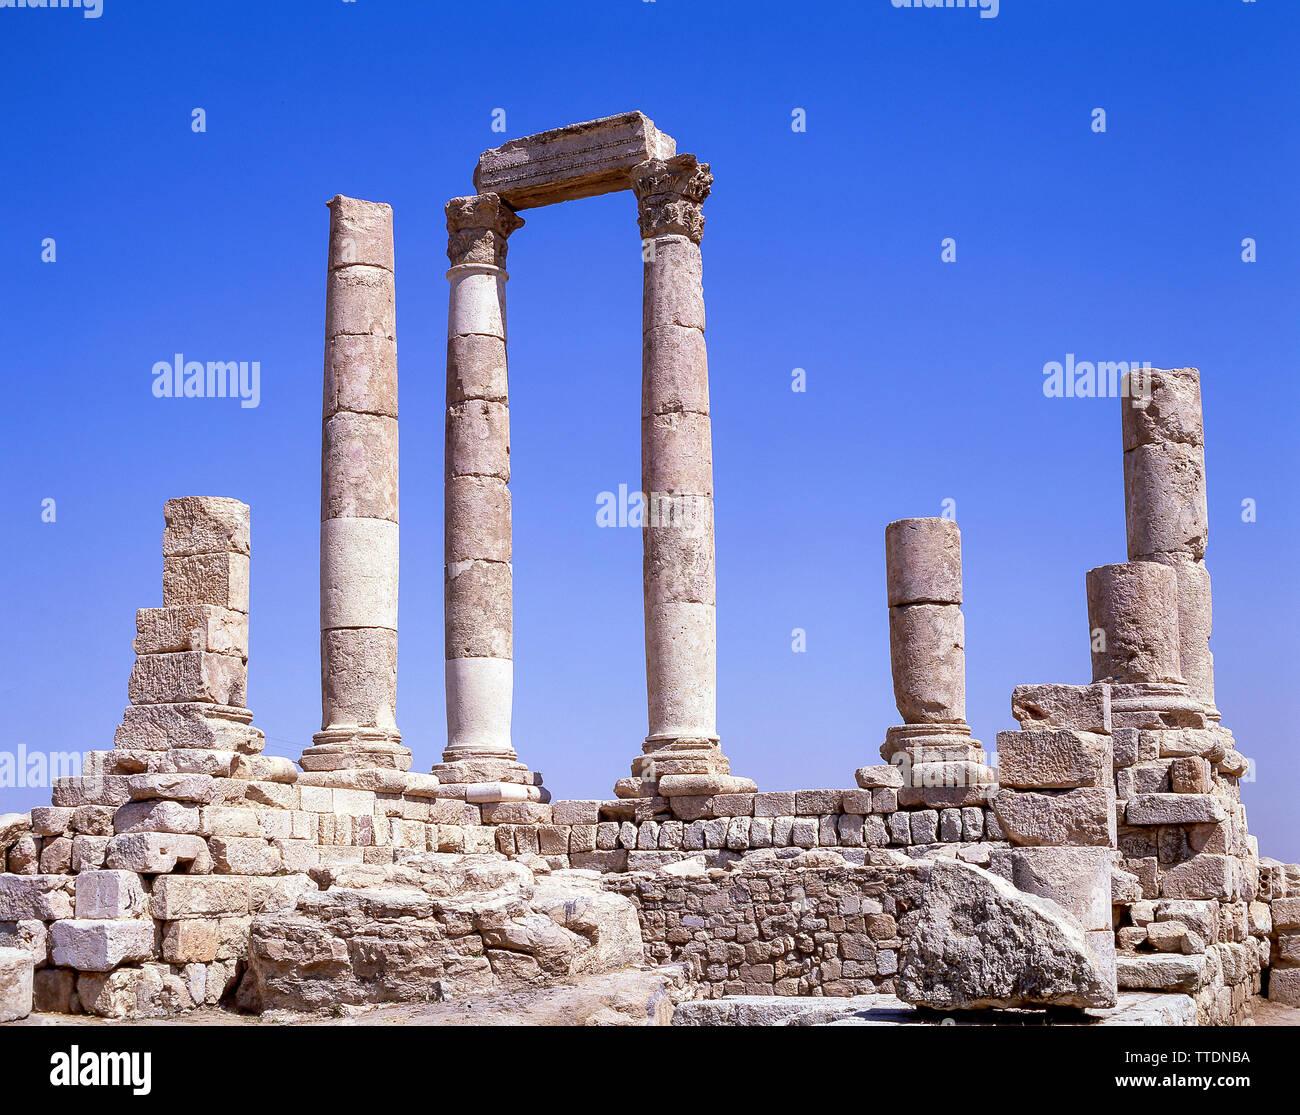 Temple of Hercules, The Citadel, Amman, Kingdom of Jordan Stock Photo